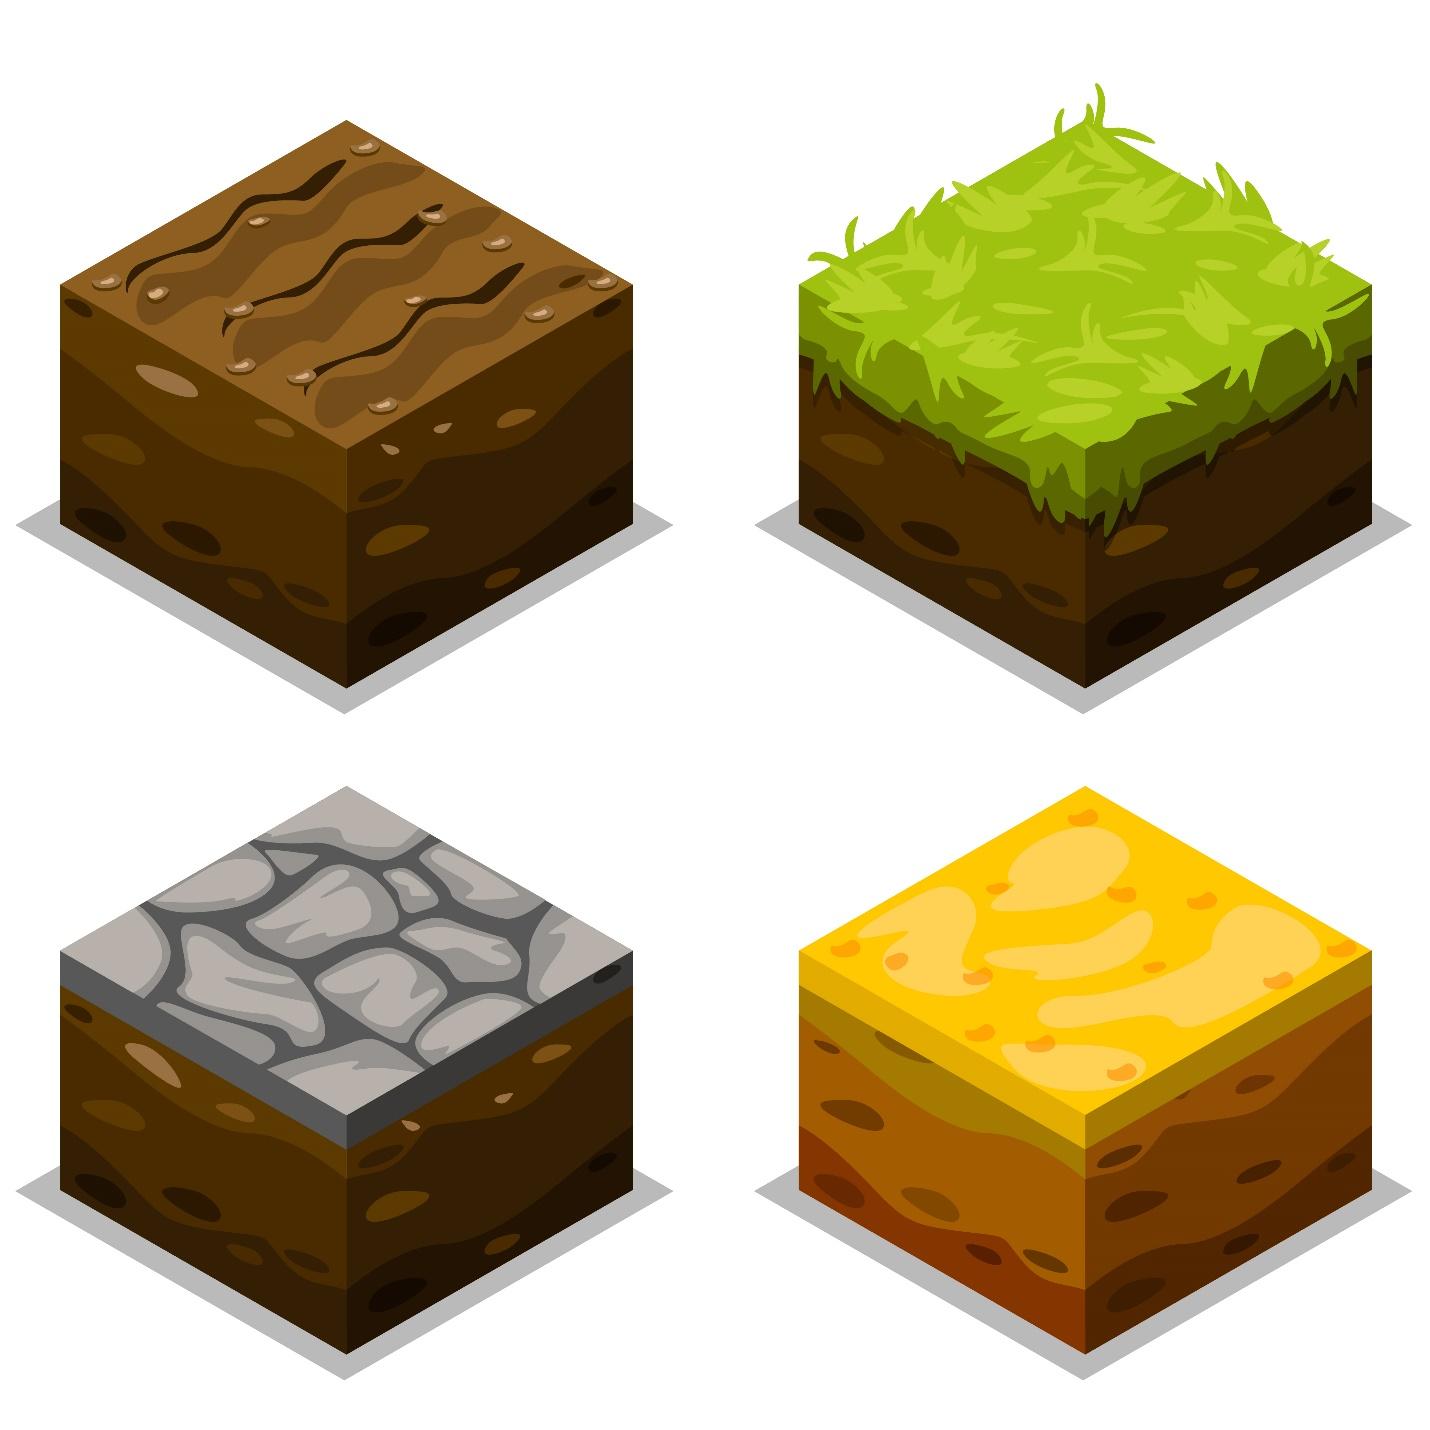 Wat doet een Minecraft server op kantoor?